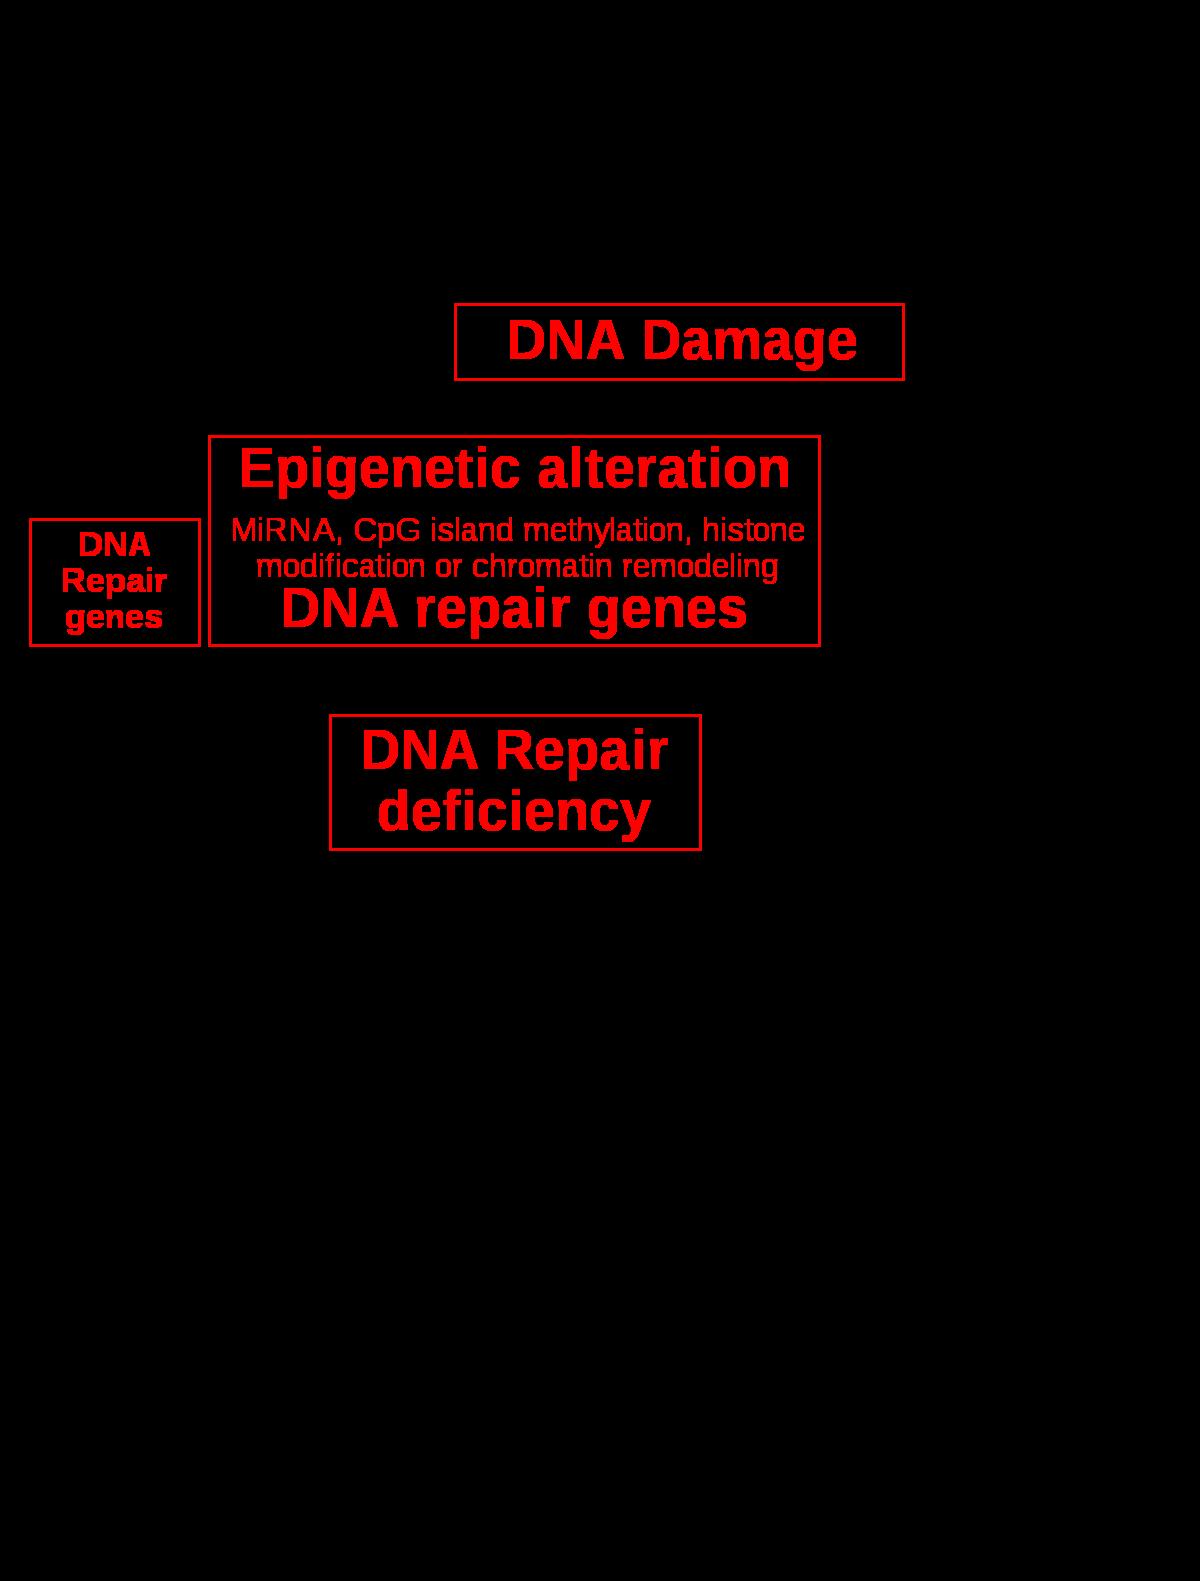 endometrium rák p53)